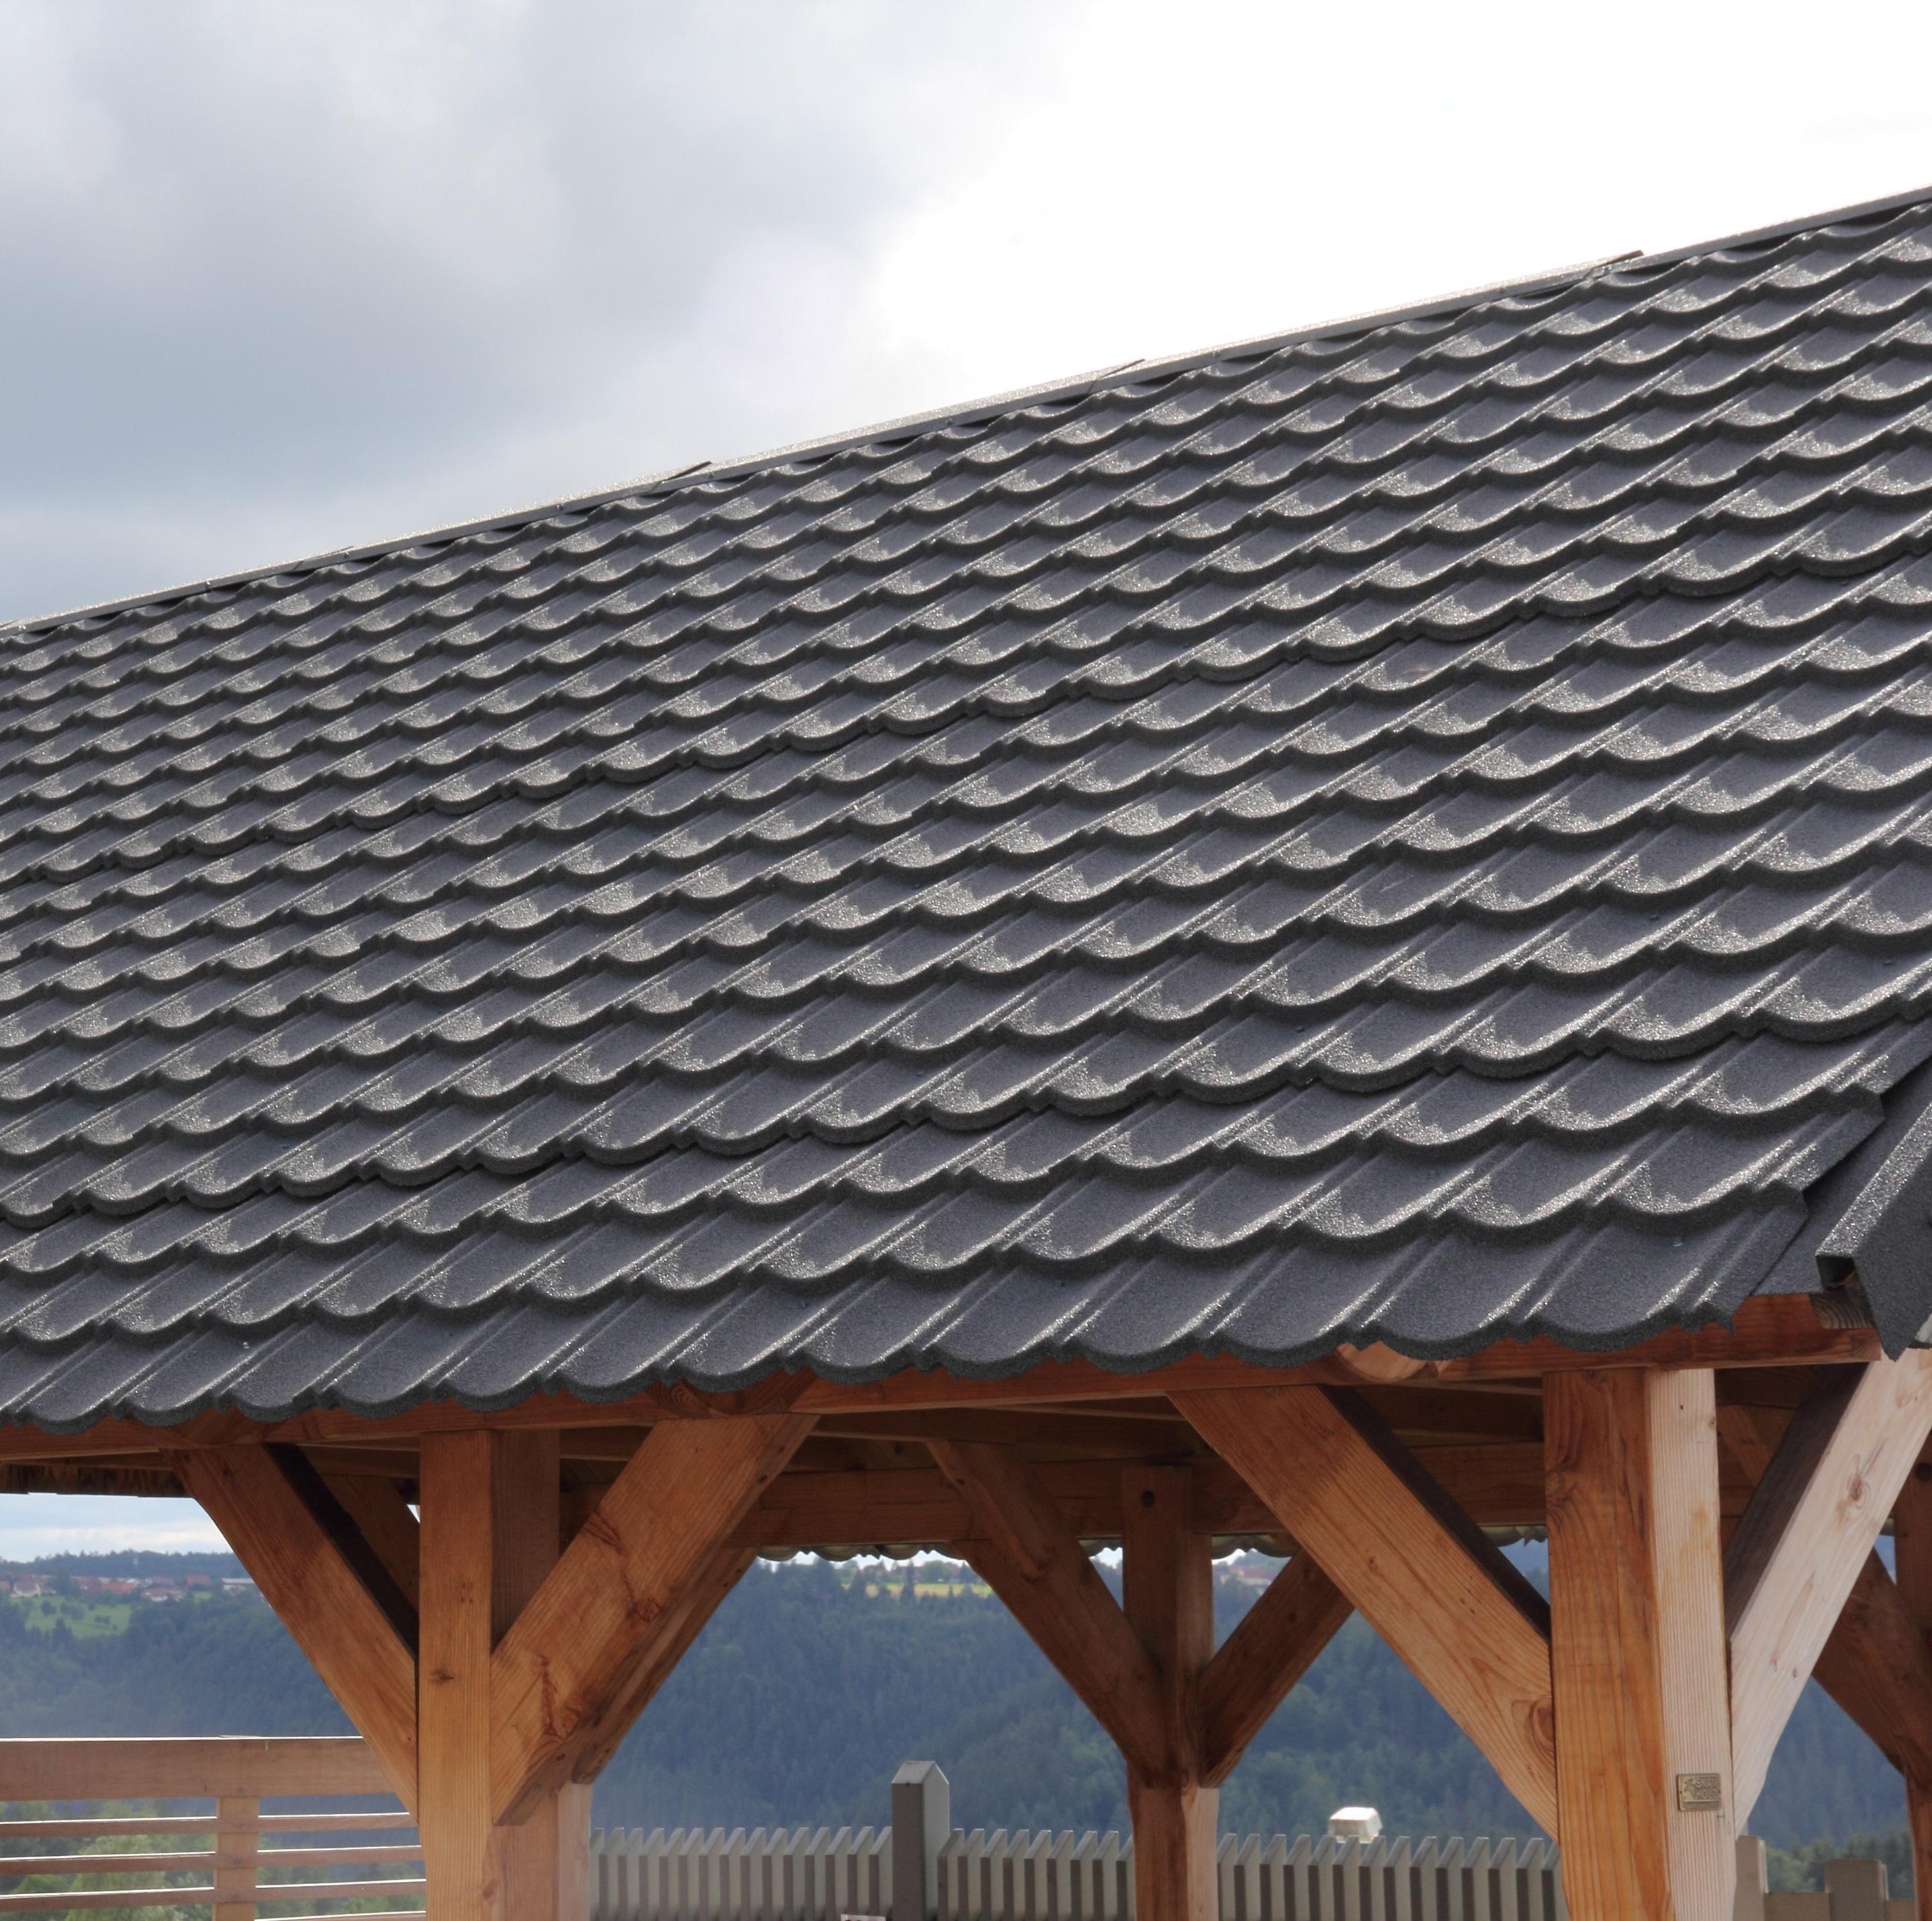 Plaque de toiture imitation tuile acier galvanisé anthracite l.0.86xL.1.14 m IKO | Leroy Merlin